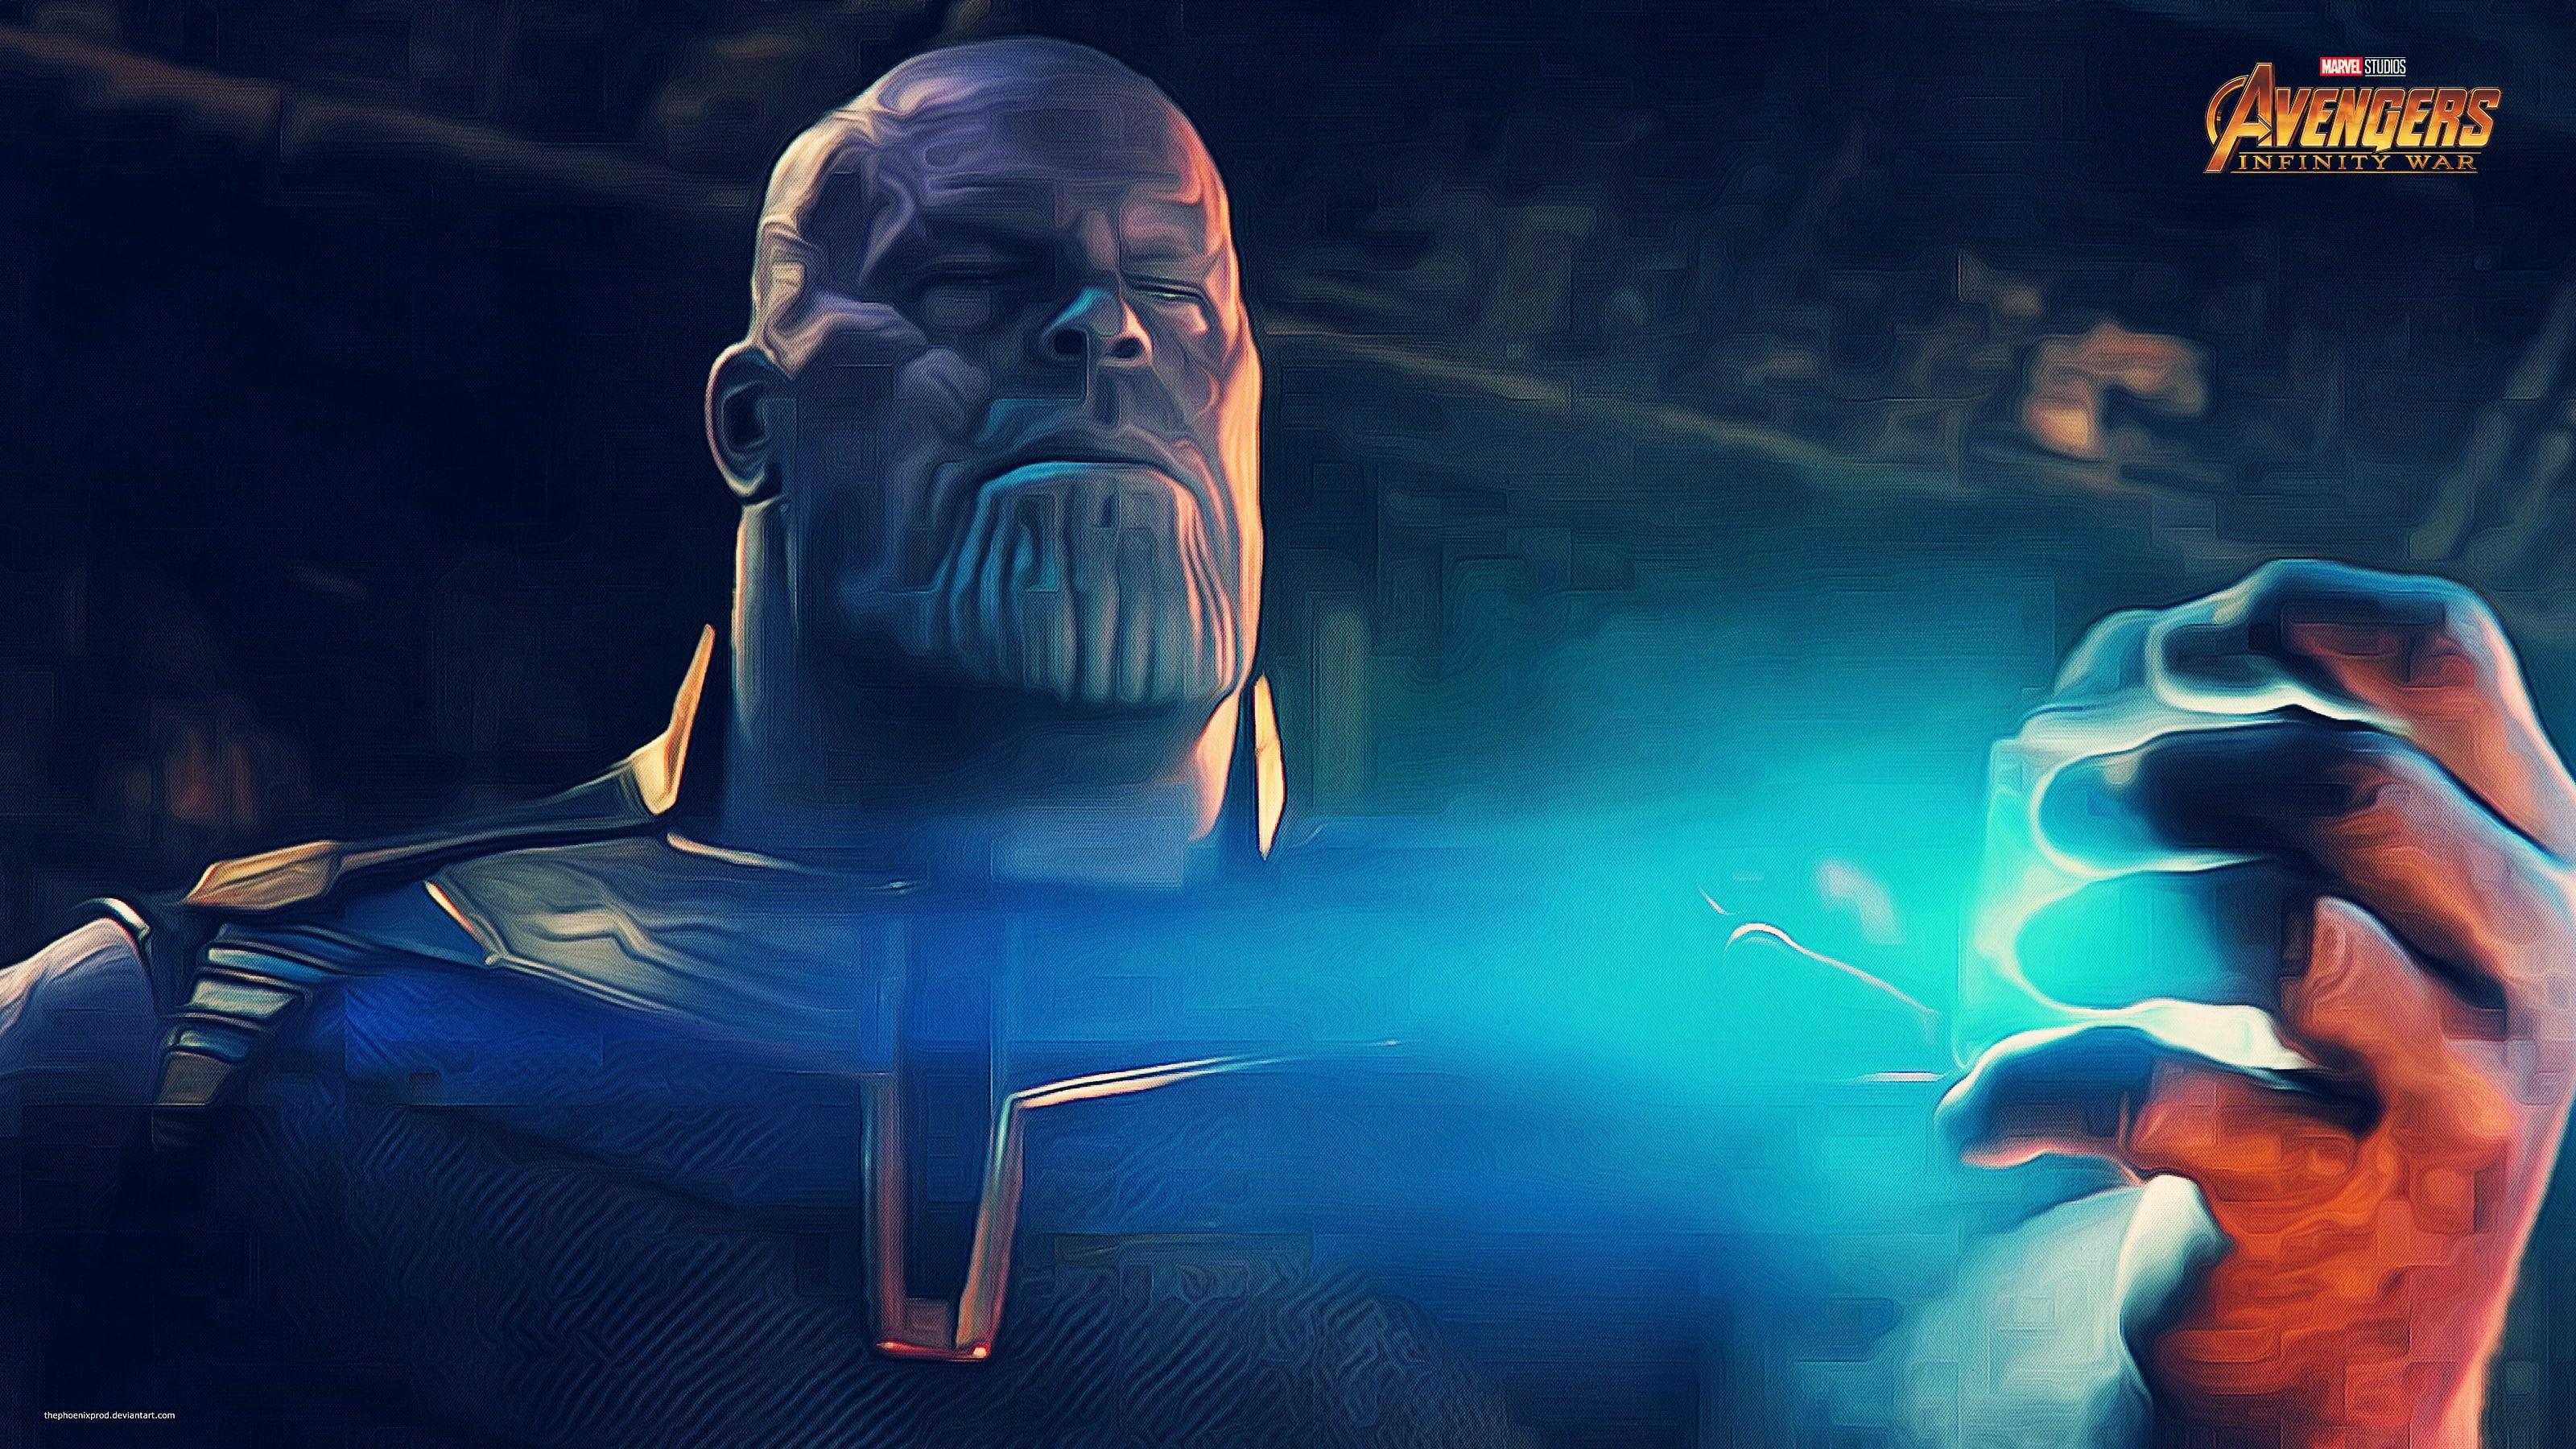 Avengers Infinity War Thanos 2k Wallpaper Hdwallpaper Desktop Marvel Infinity War Avengers Infinity War Avengers